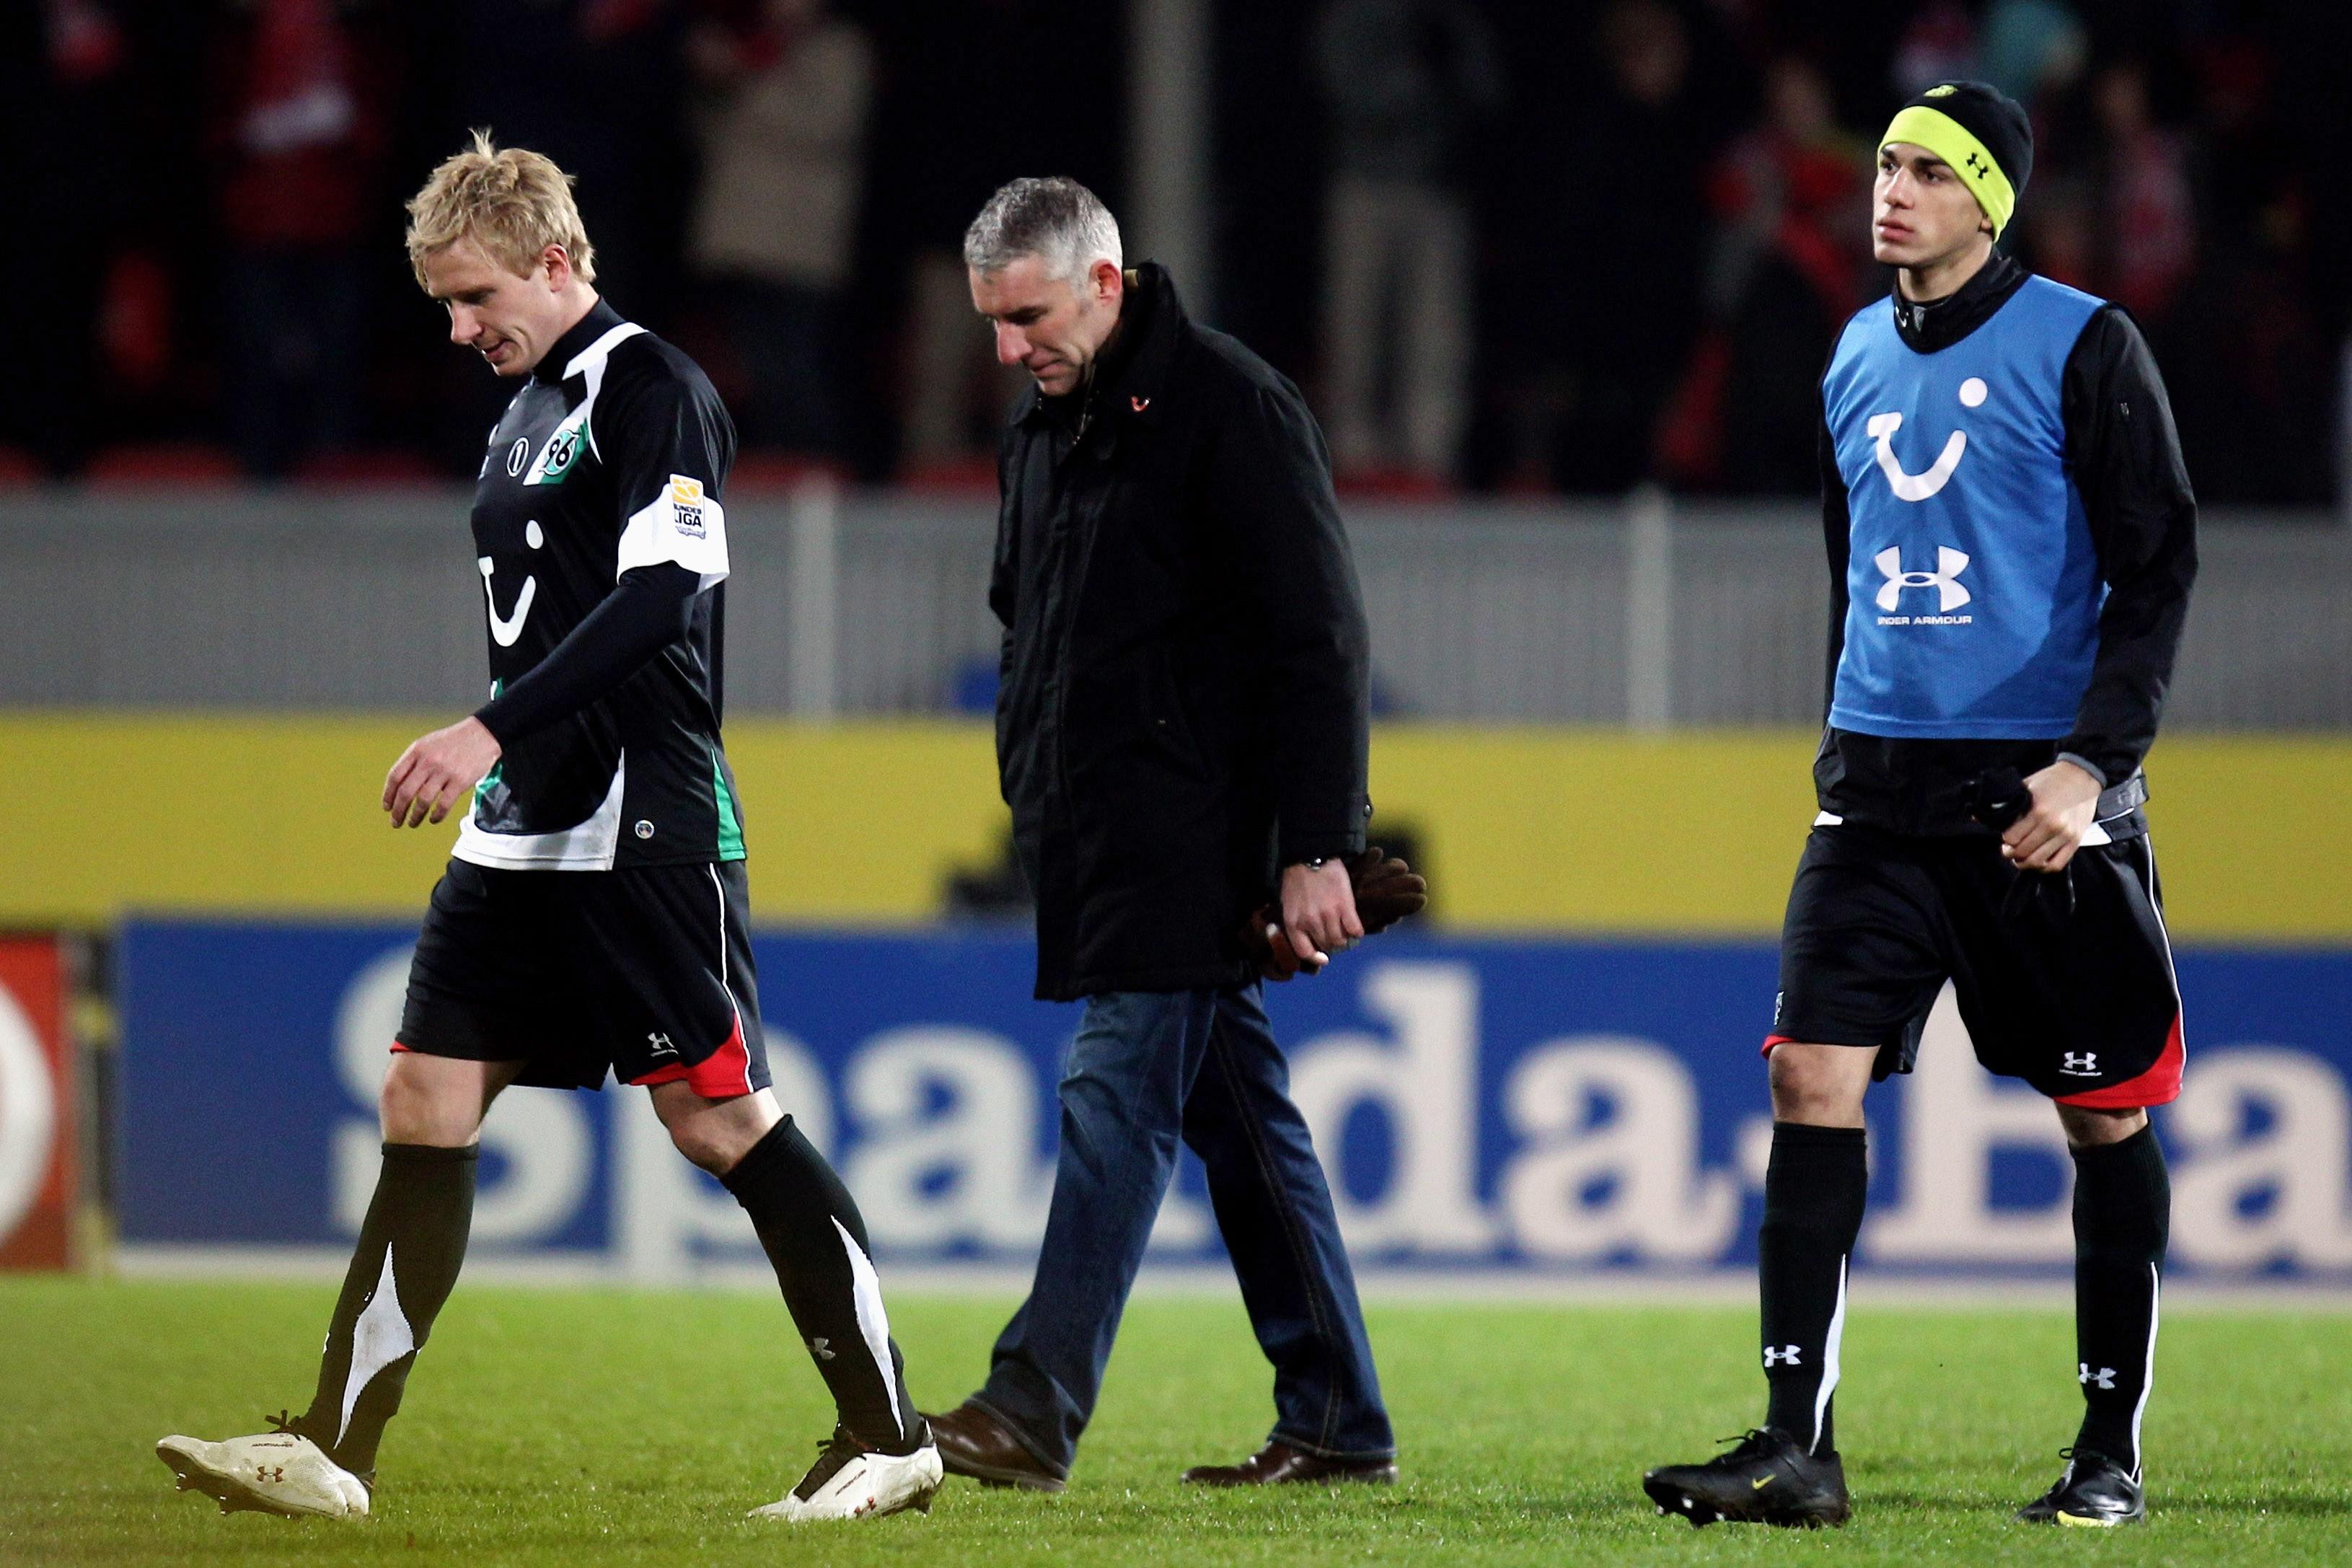 Leon Balogun (rechts, mit Mike Hanke und Mirko Slomka) machte seine ersten Schritte 2008-2010 bei Hannover 96. Mittlerweile ist er Nationalspieler für Nigeria.